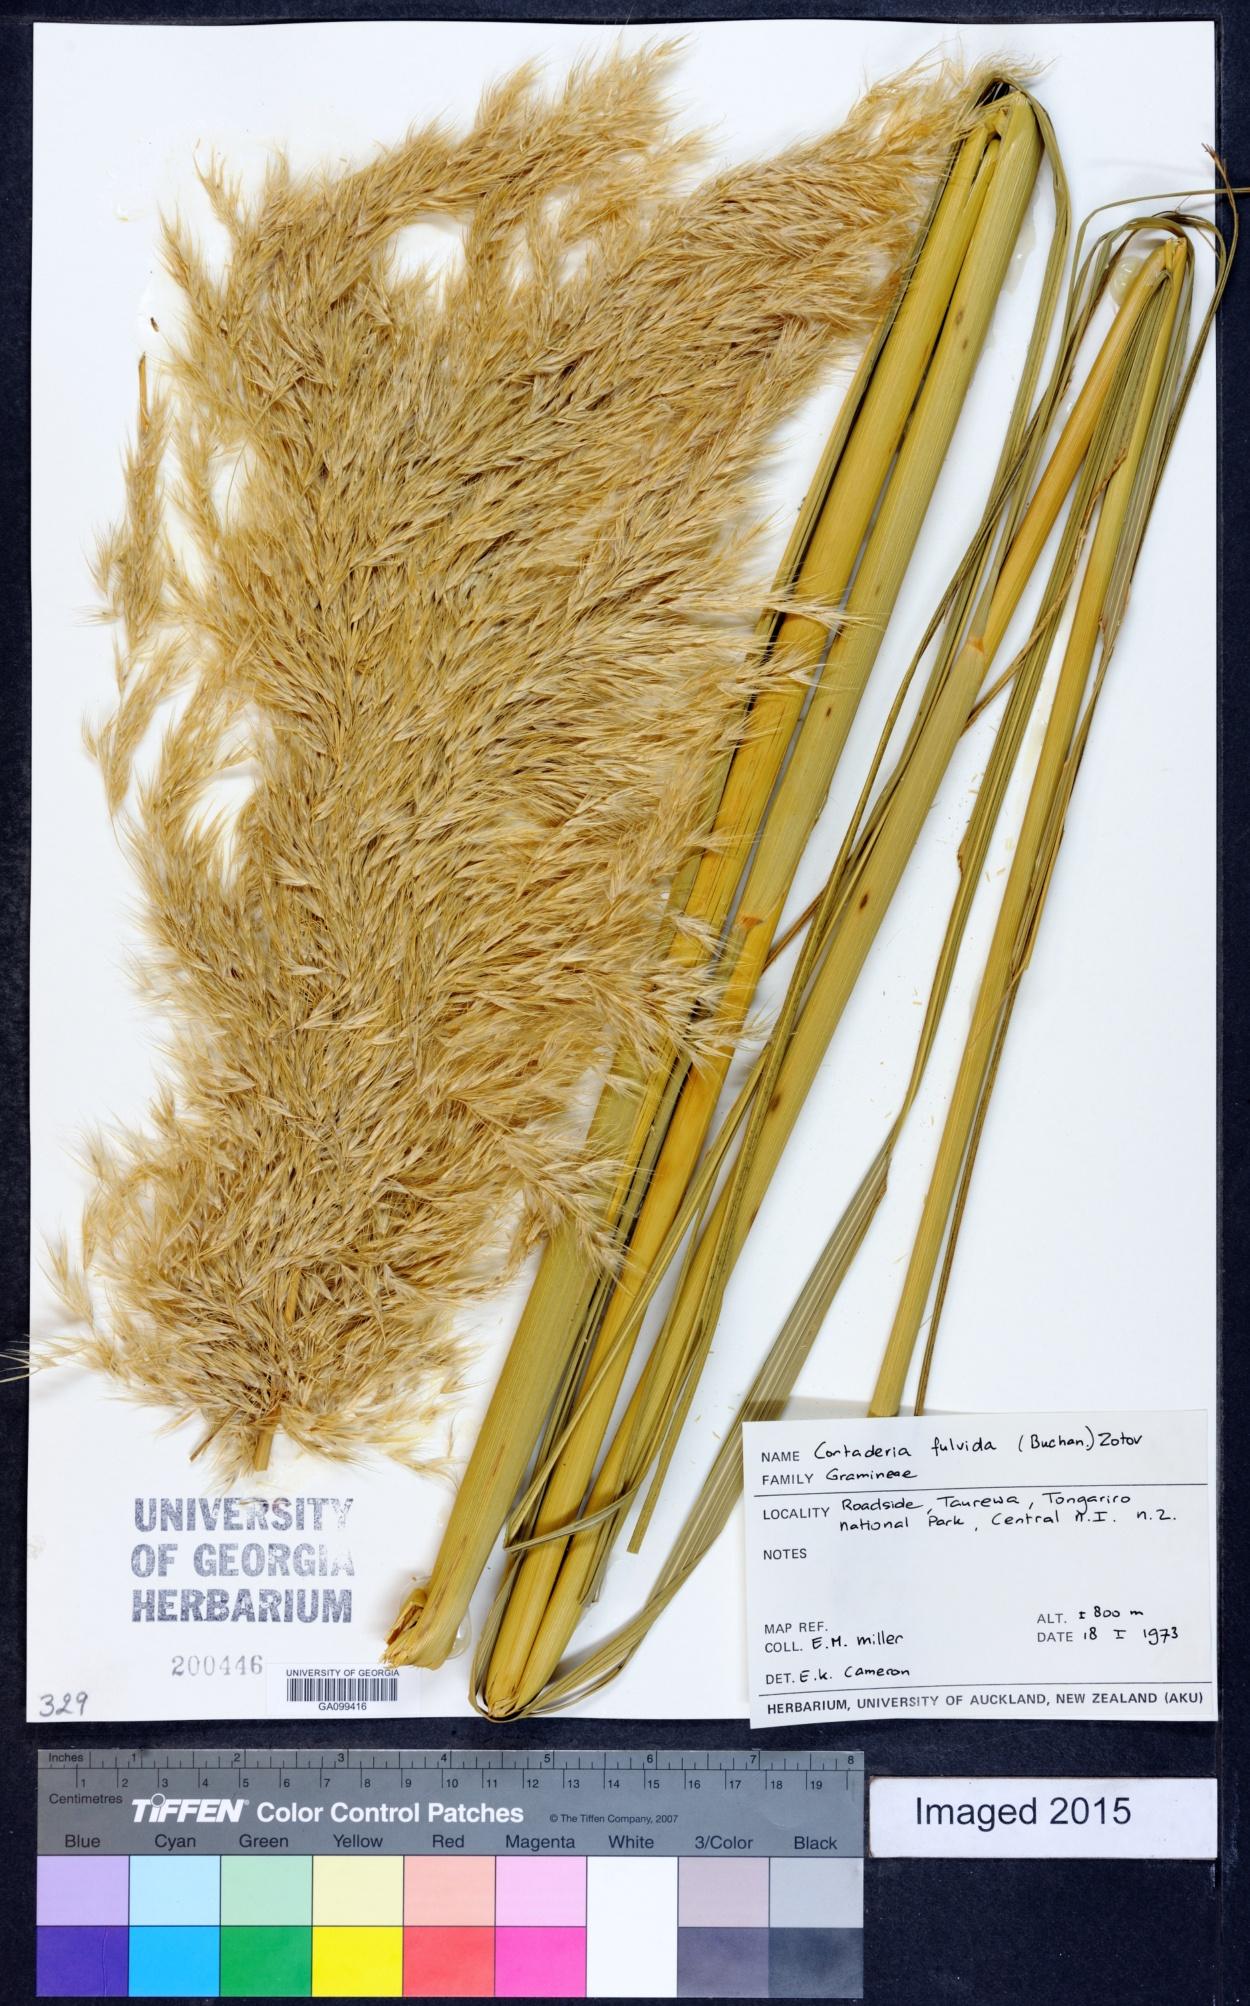 Austroderia image